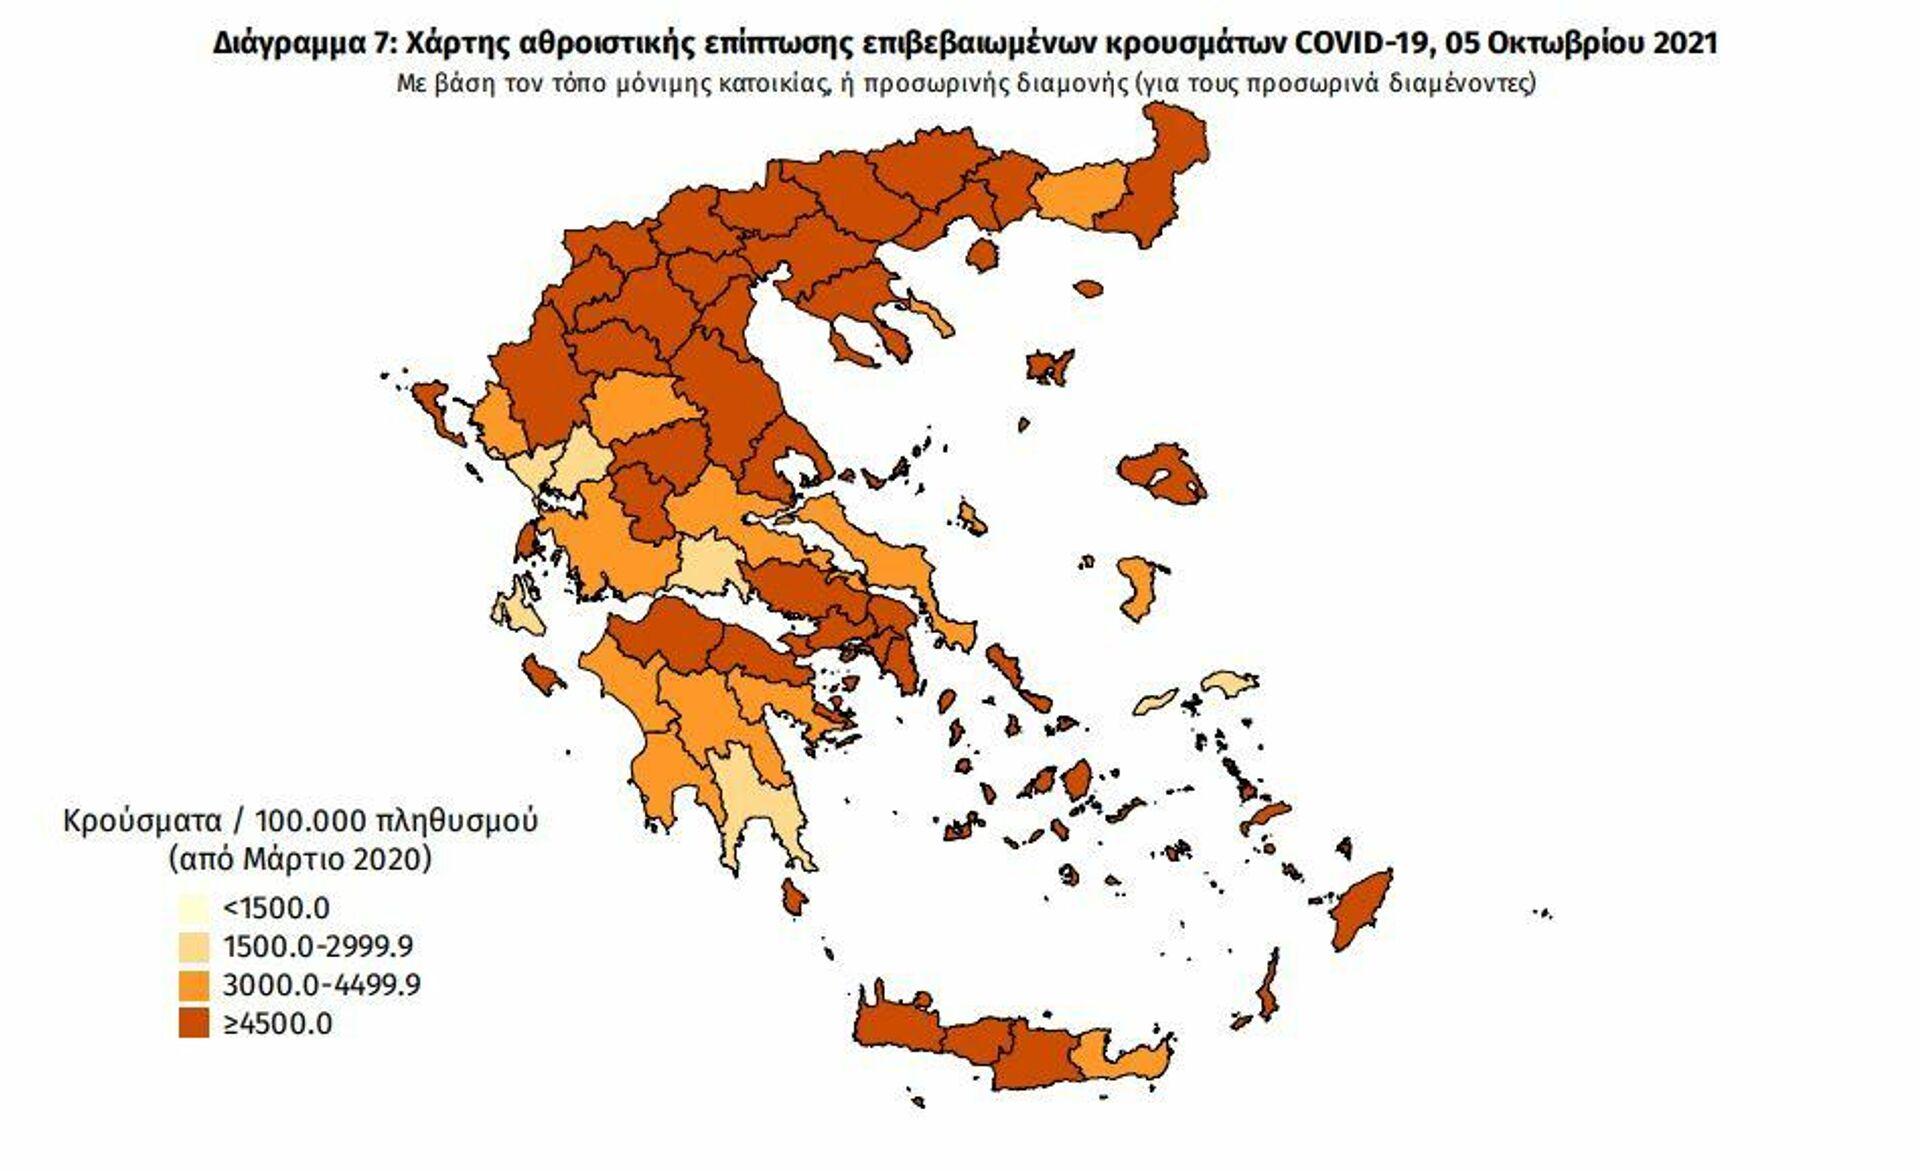 Χάρτης κρουσμάτων - Sputnik Ελλάδα, 1920, 05.10.2021